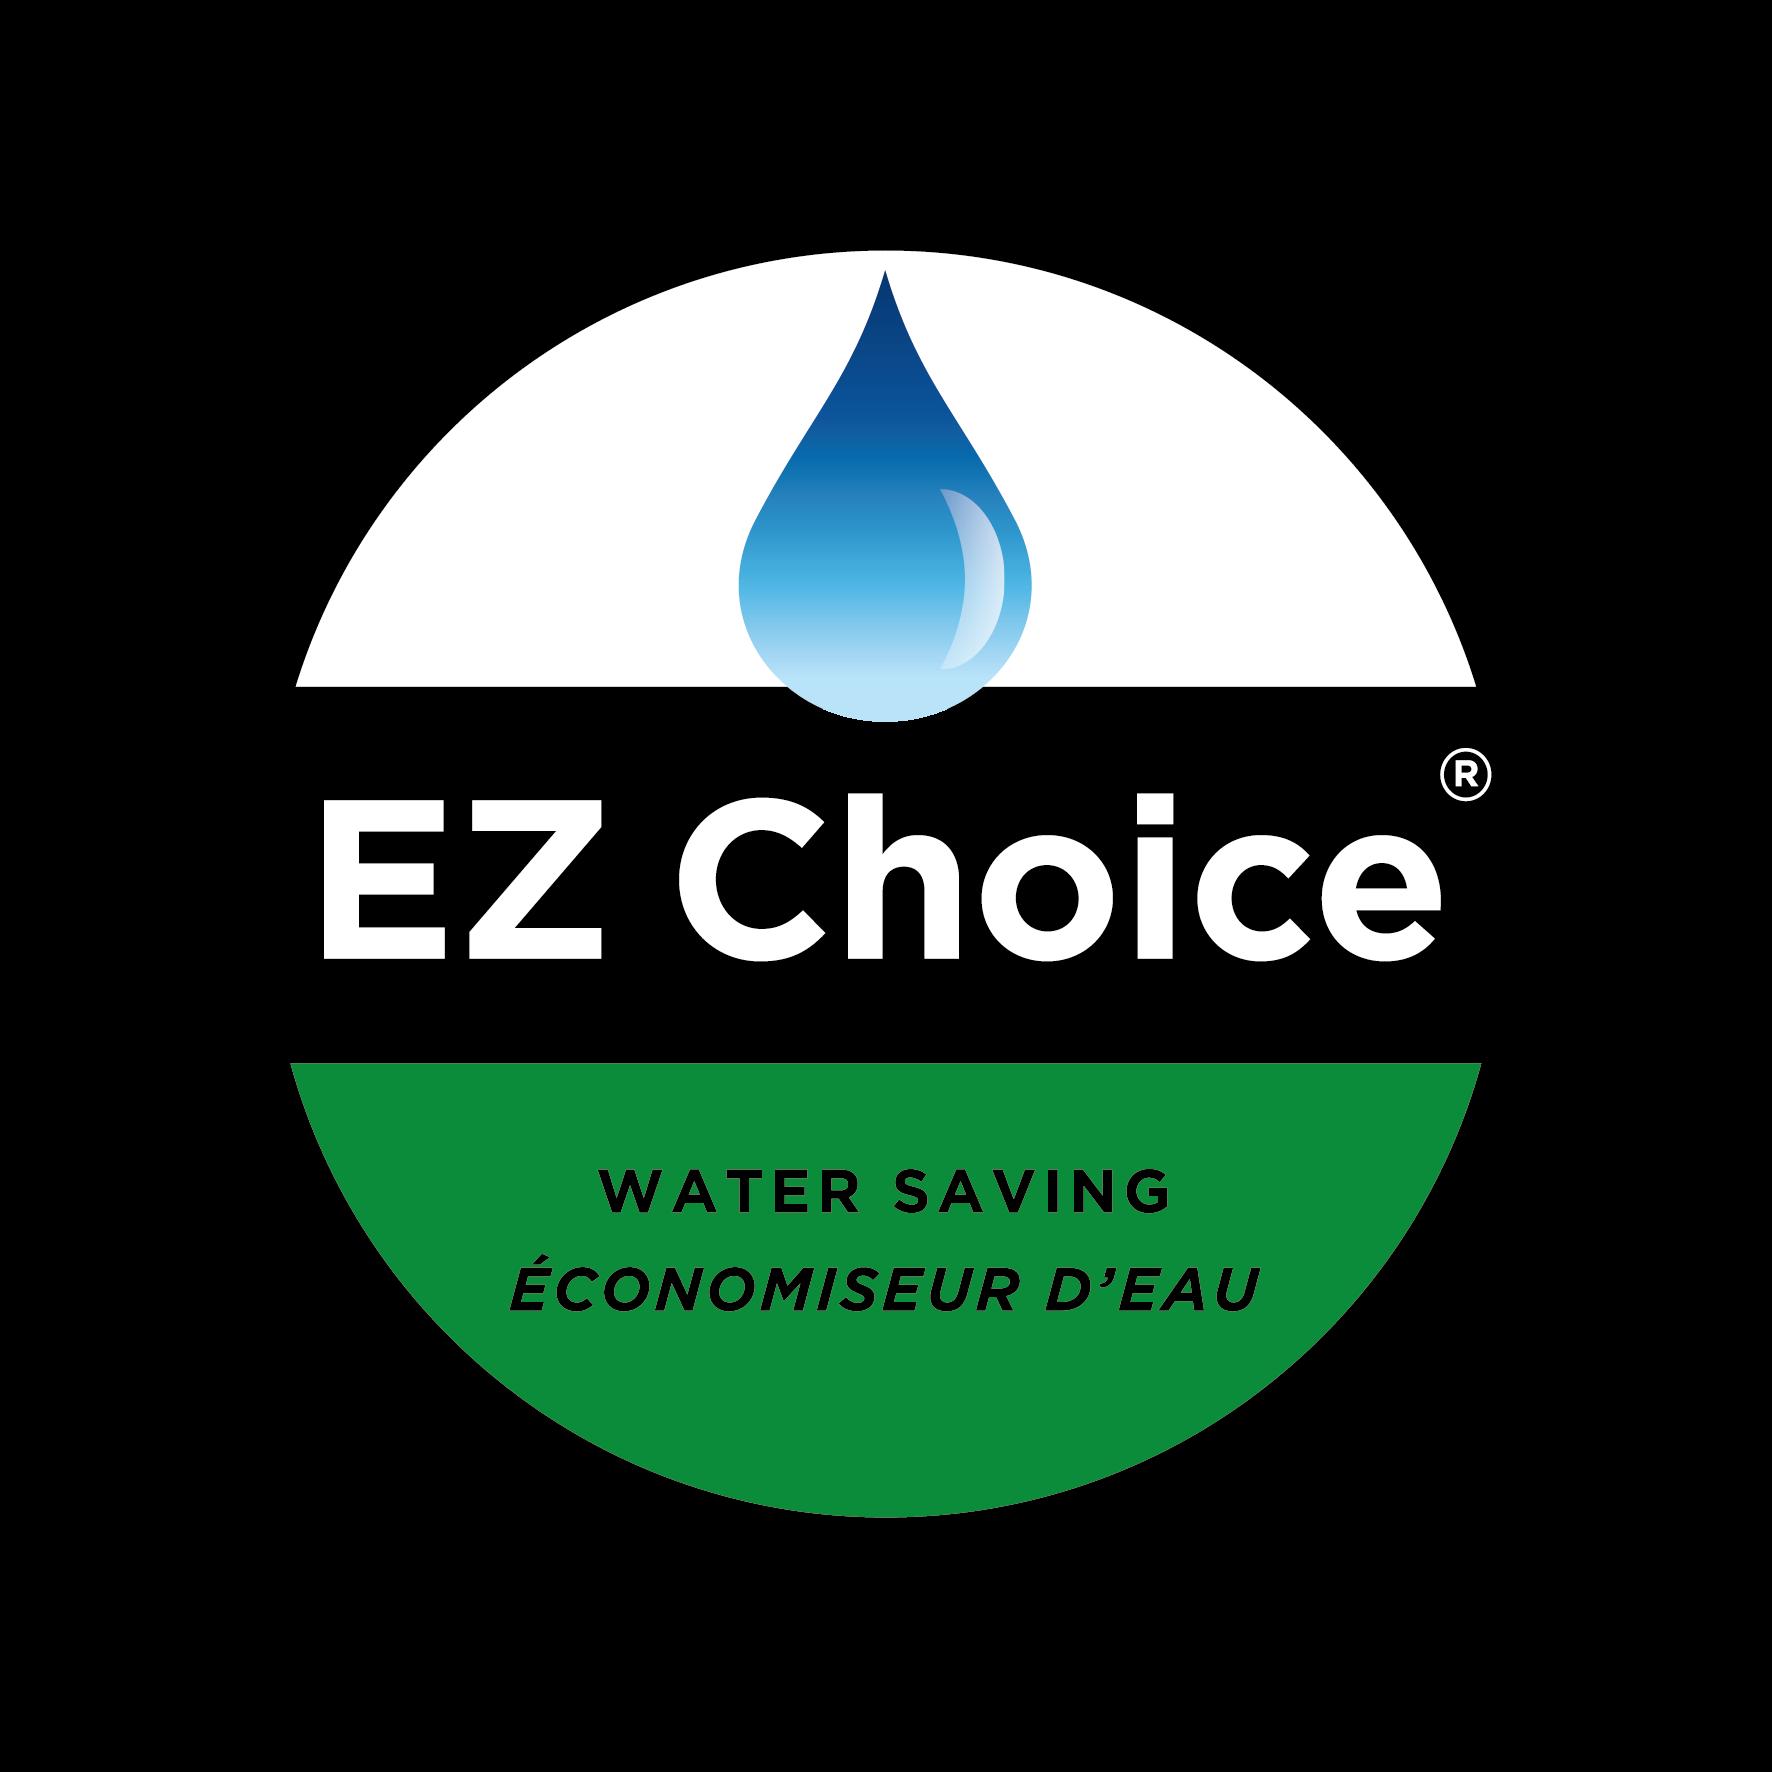 EZ Choice